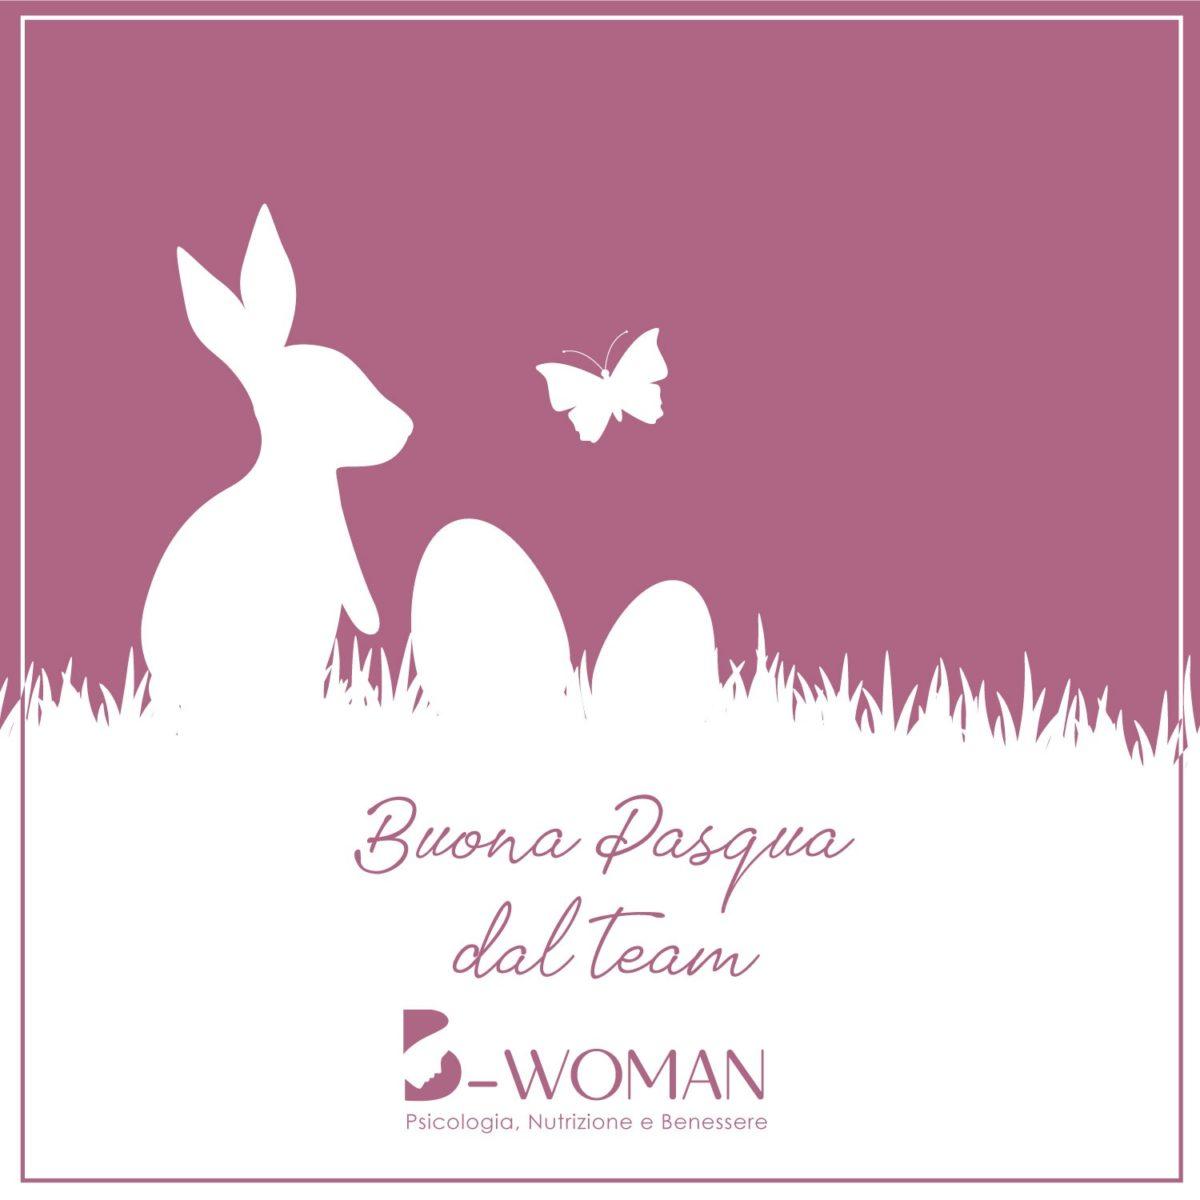 Buona-Pasqua-dal-Team-del-Centro-B-Woman-1200x1200.jpeg